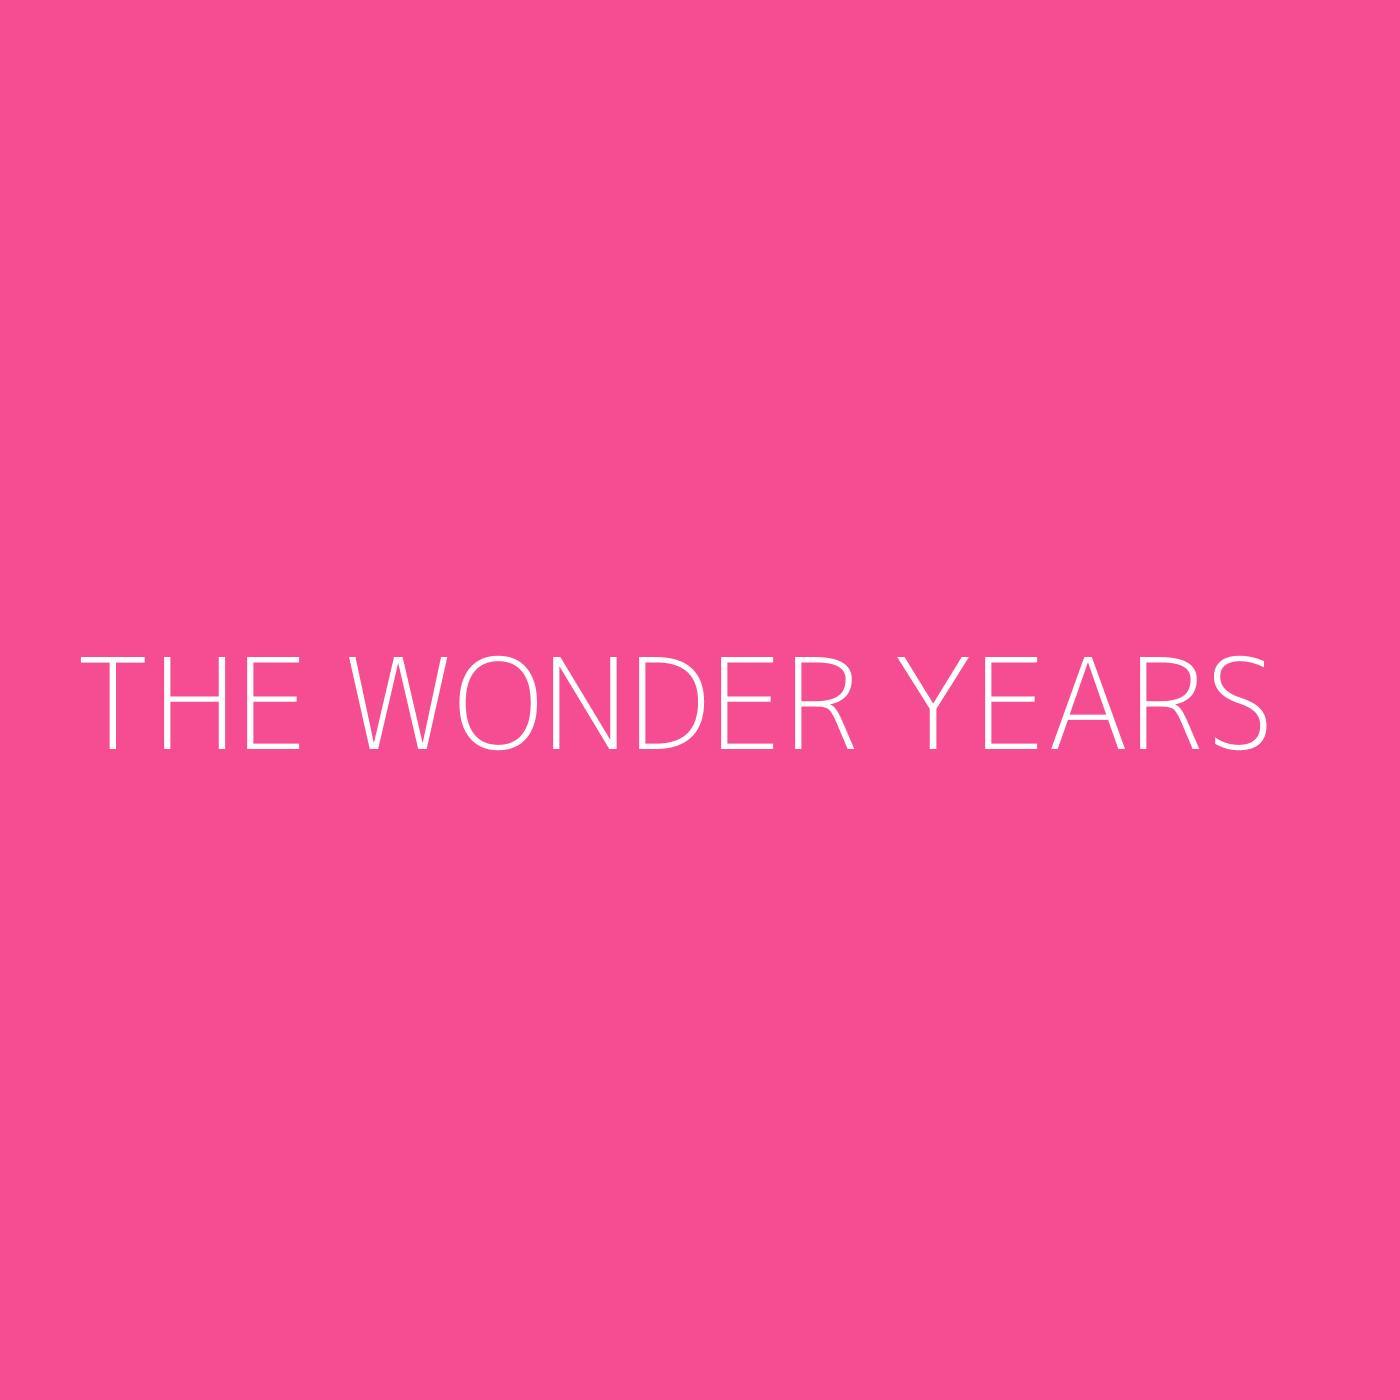 The Wonder Years Playlist Artwork